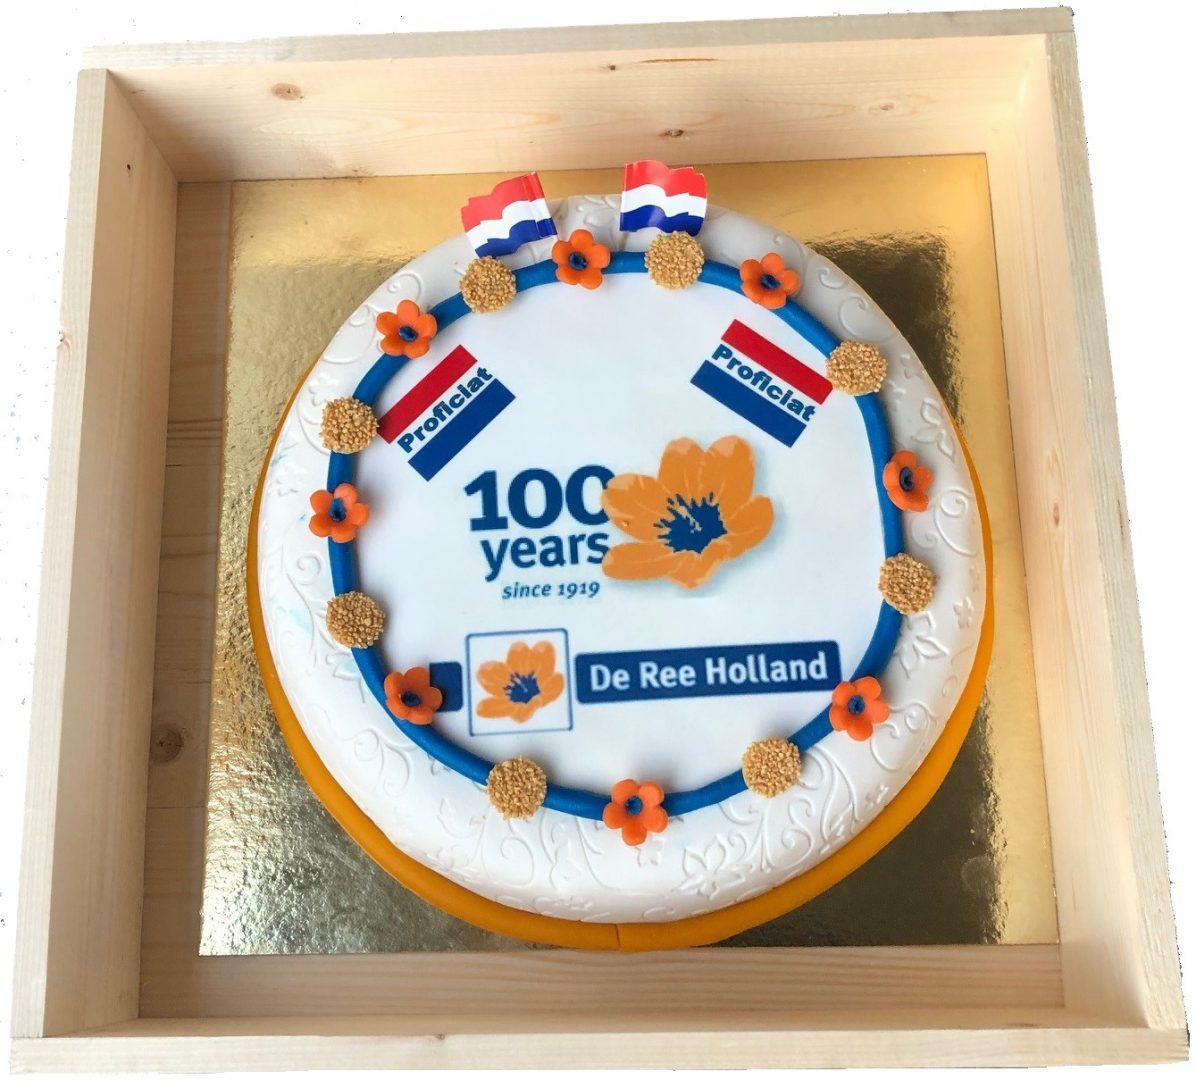 Wir gratulieren De Ree Holland zum 100-jährigen Jubiläum und der königlichen Auszeichnung, die sie erhalten haben!